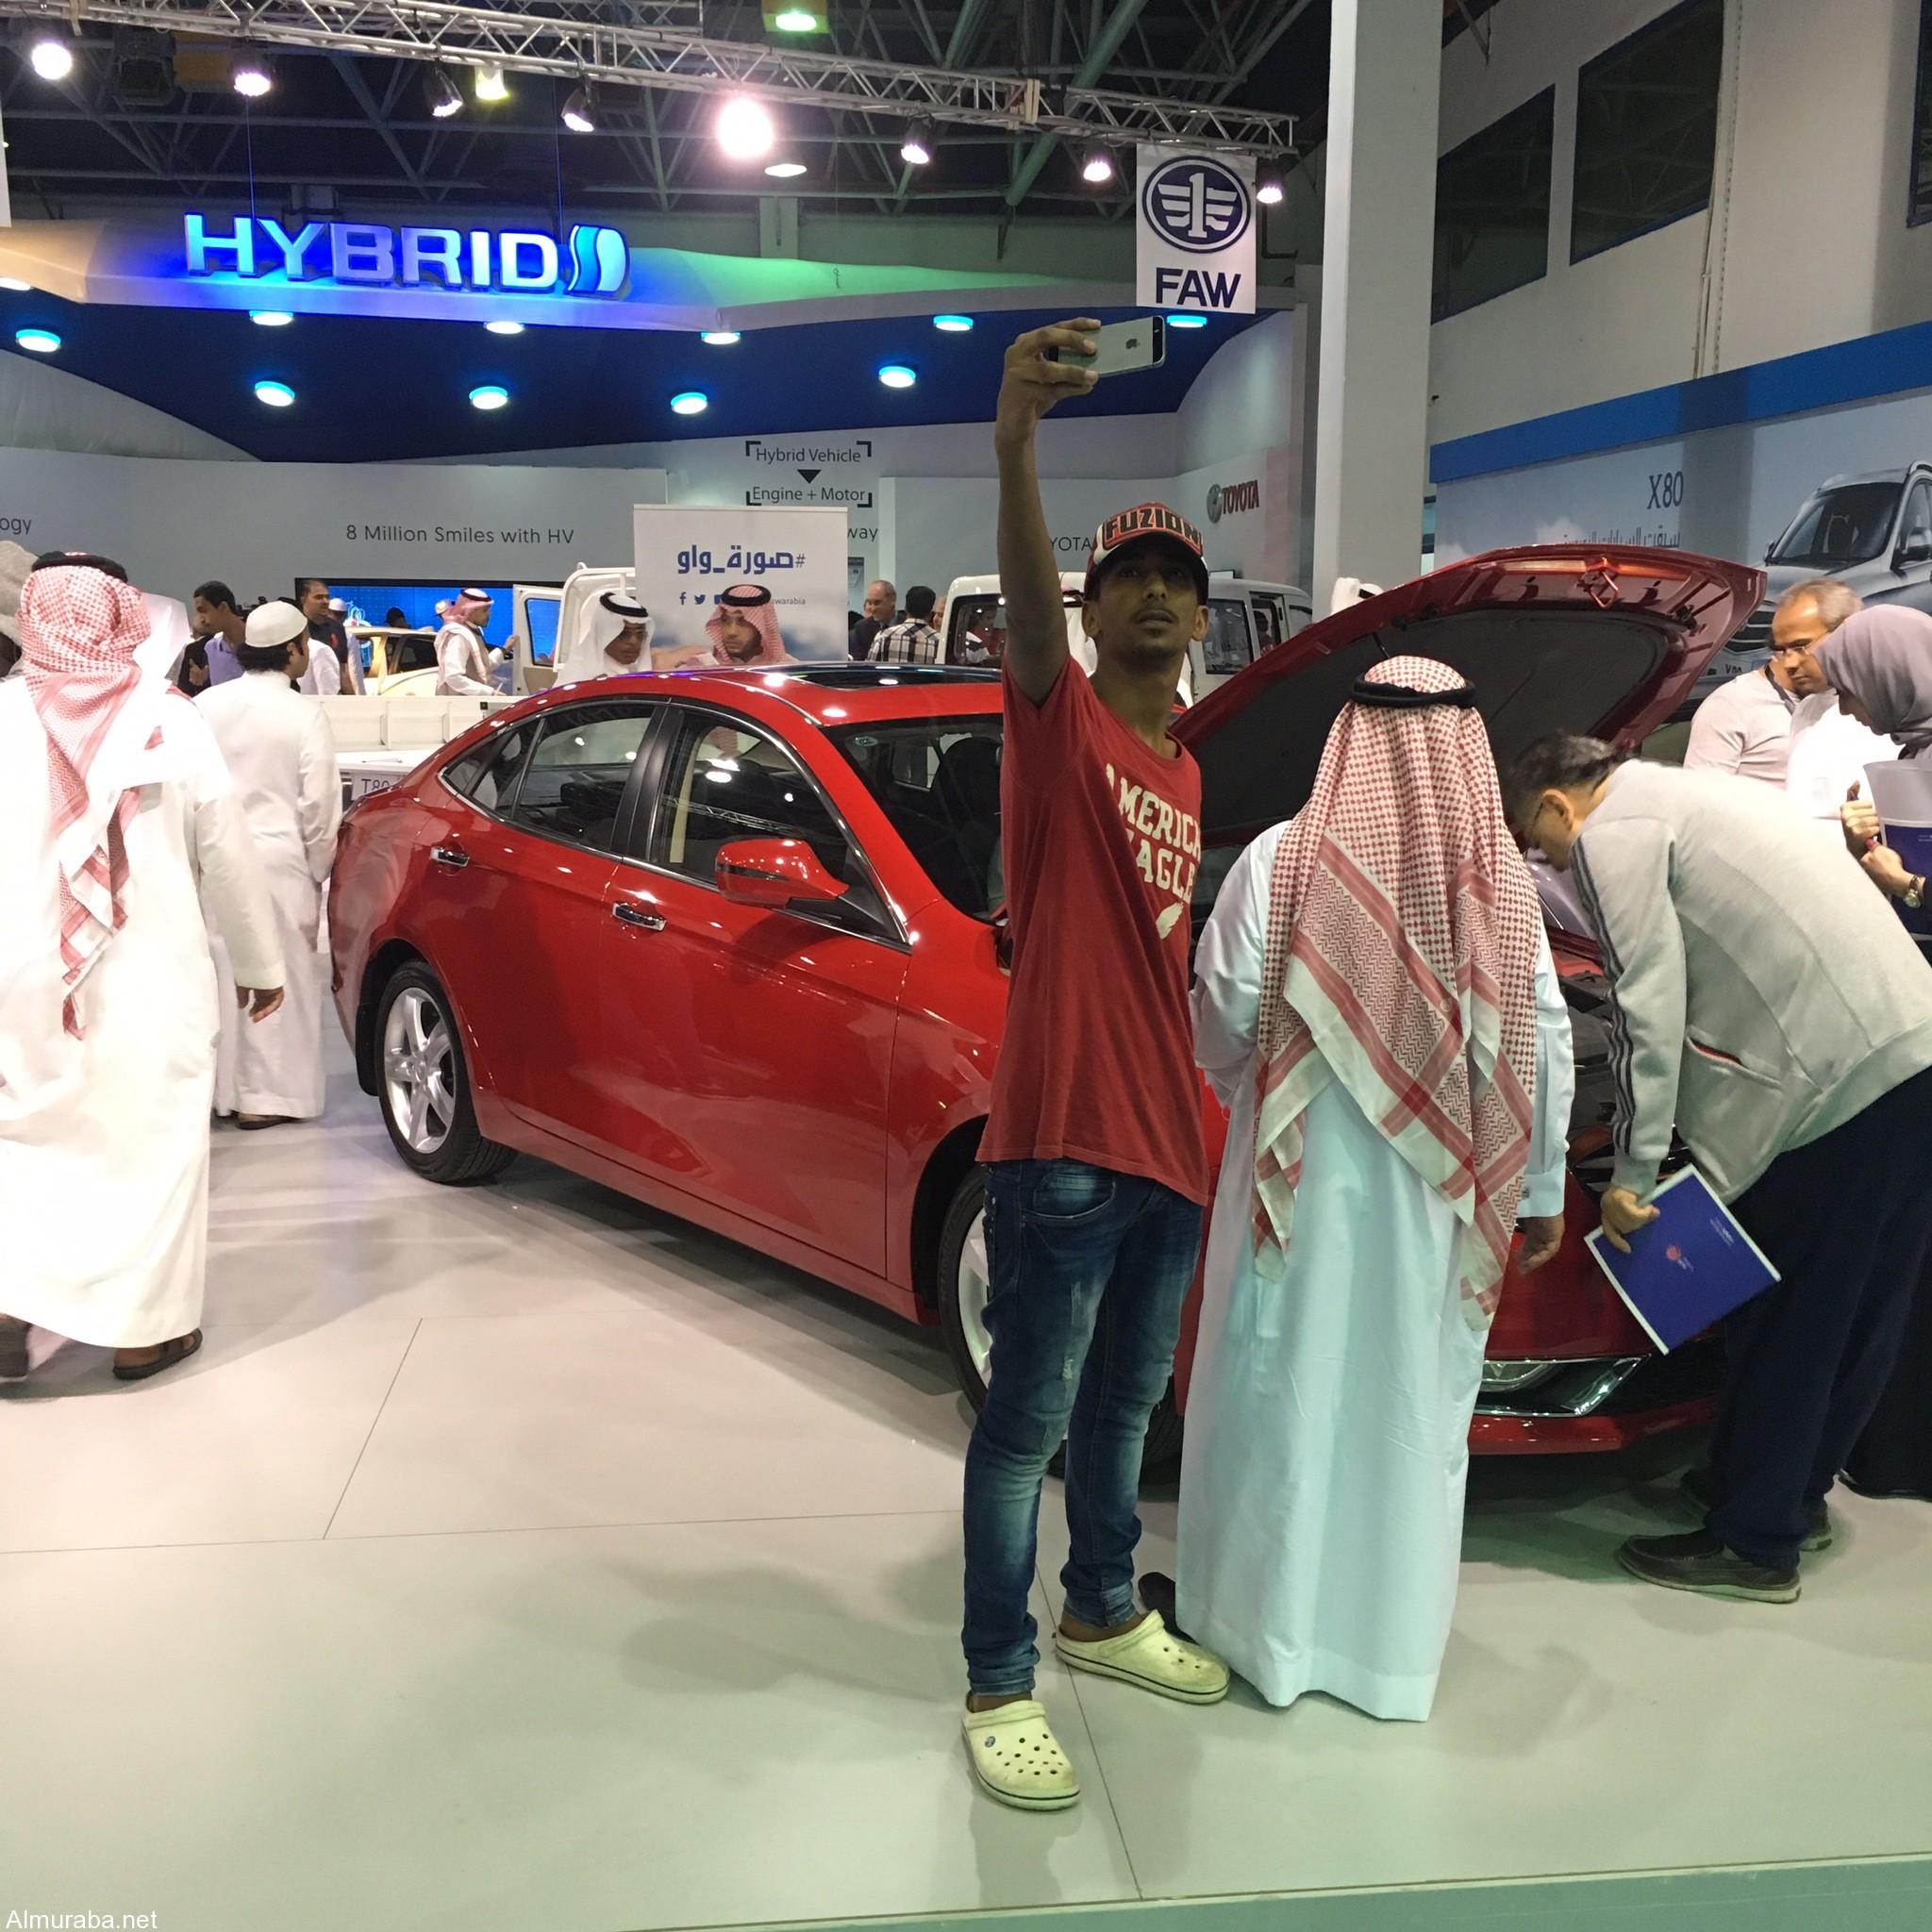 """سيارات """"فاو"""" تستعرض سياراتها وتبهر الزوار في المعرض السعودي الدولي للسيارات   المربع نت"""